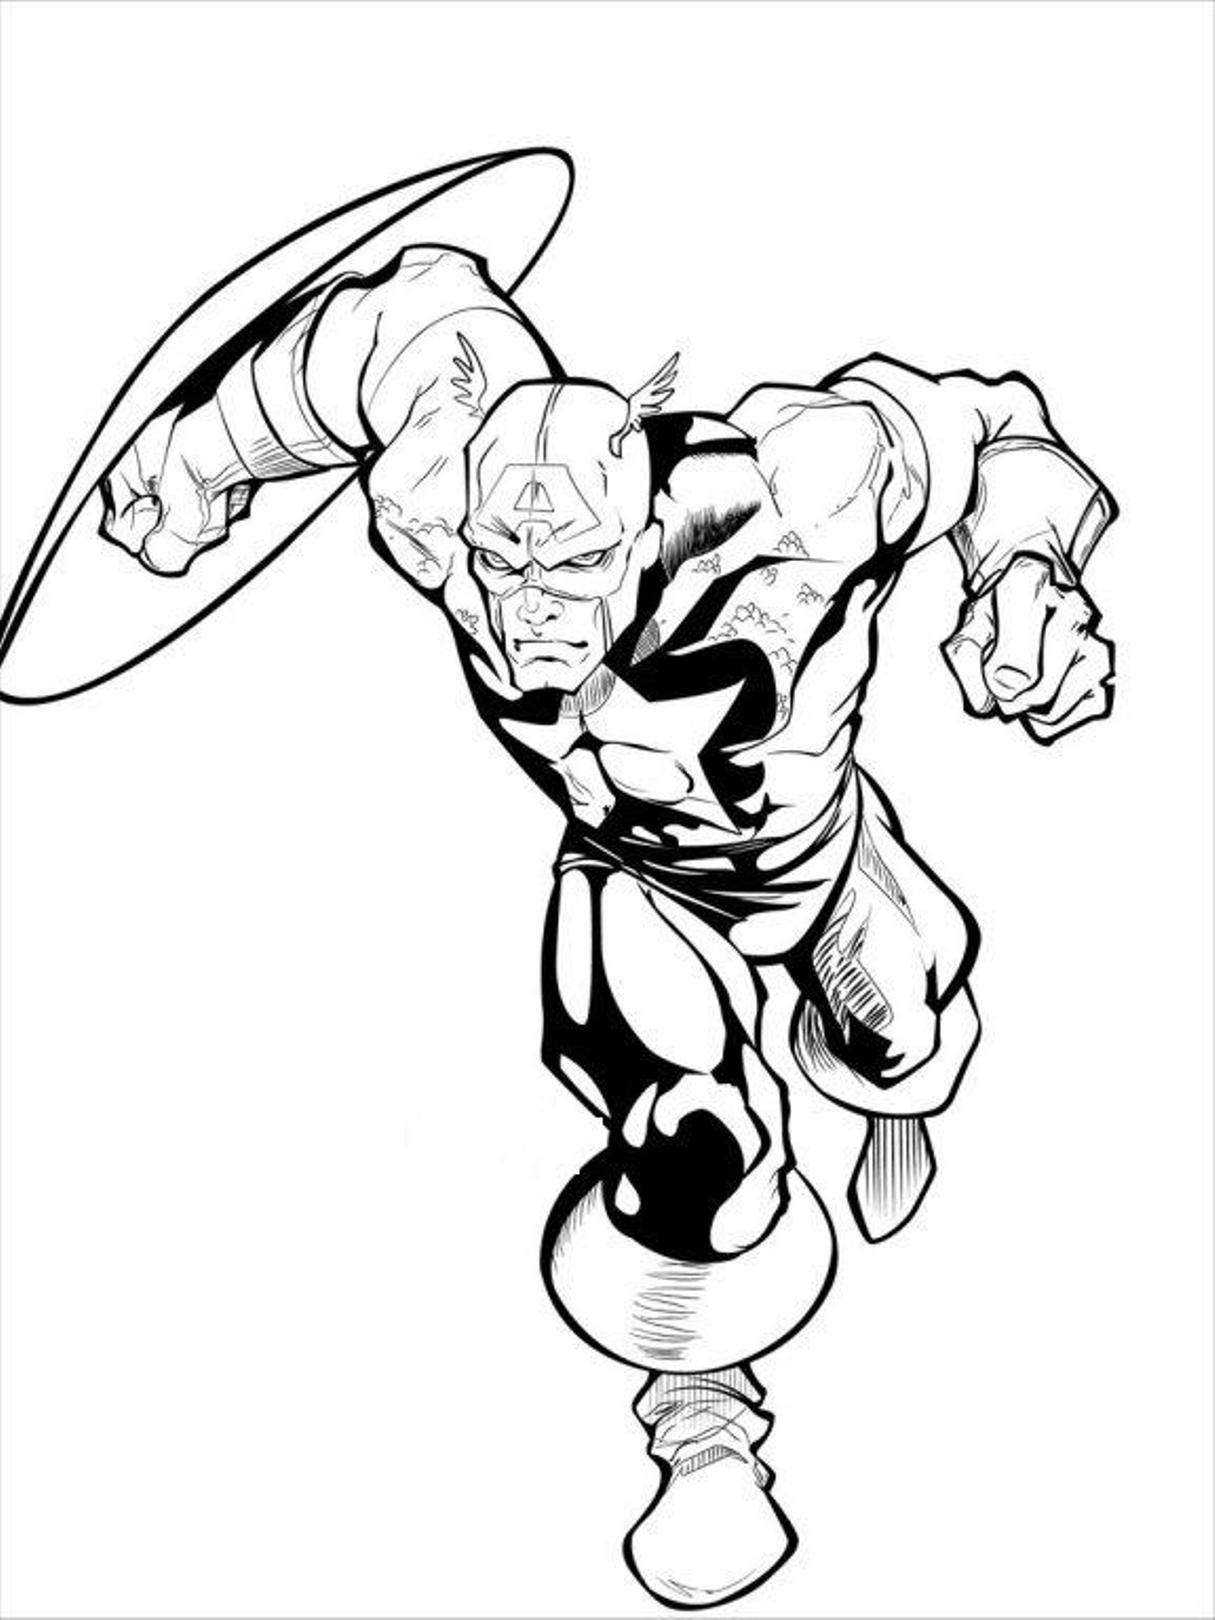 super hero captain america dessins à colorier gratuit printout sea4waterman